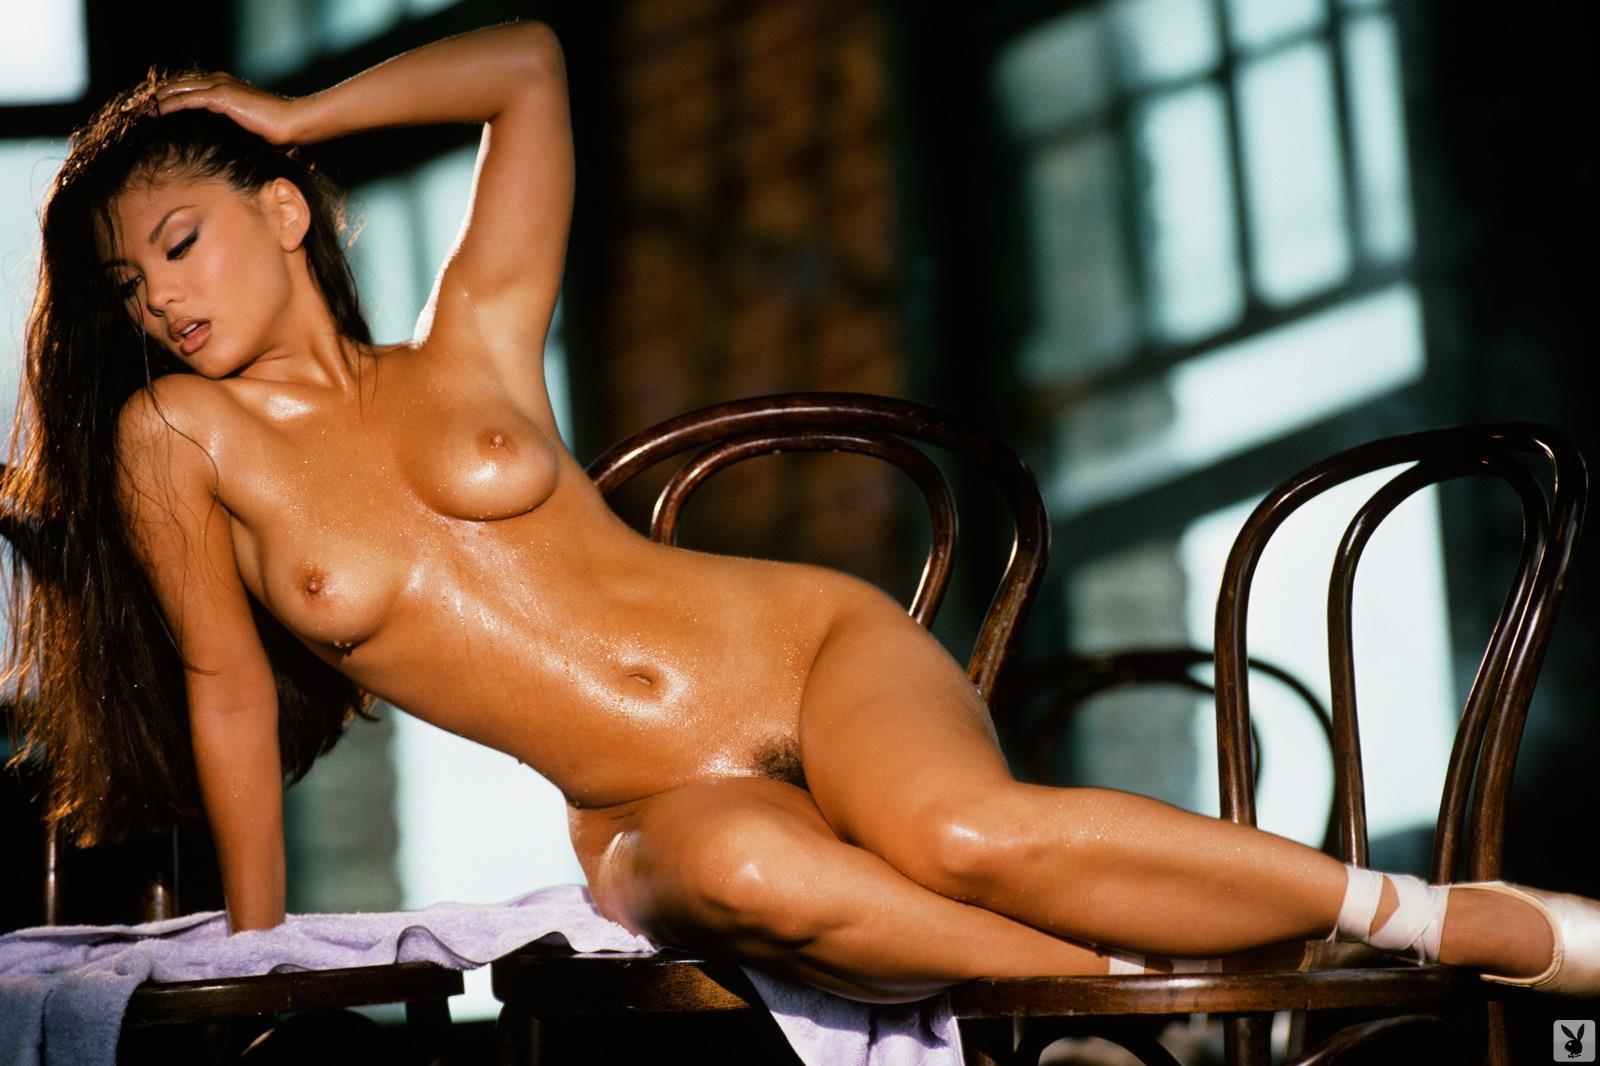 Smokie nude pic